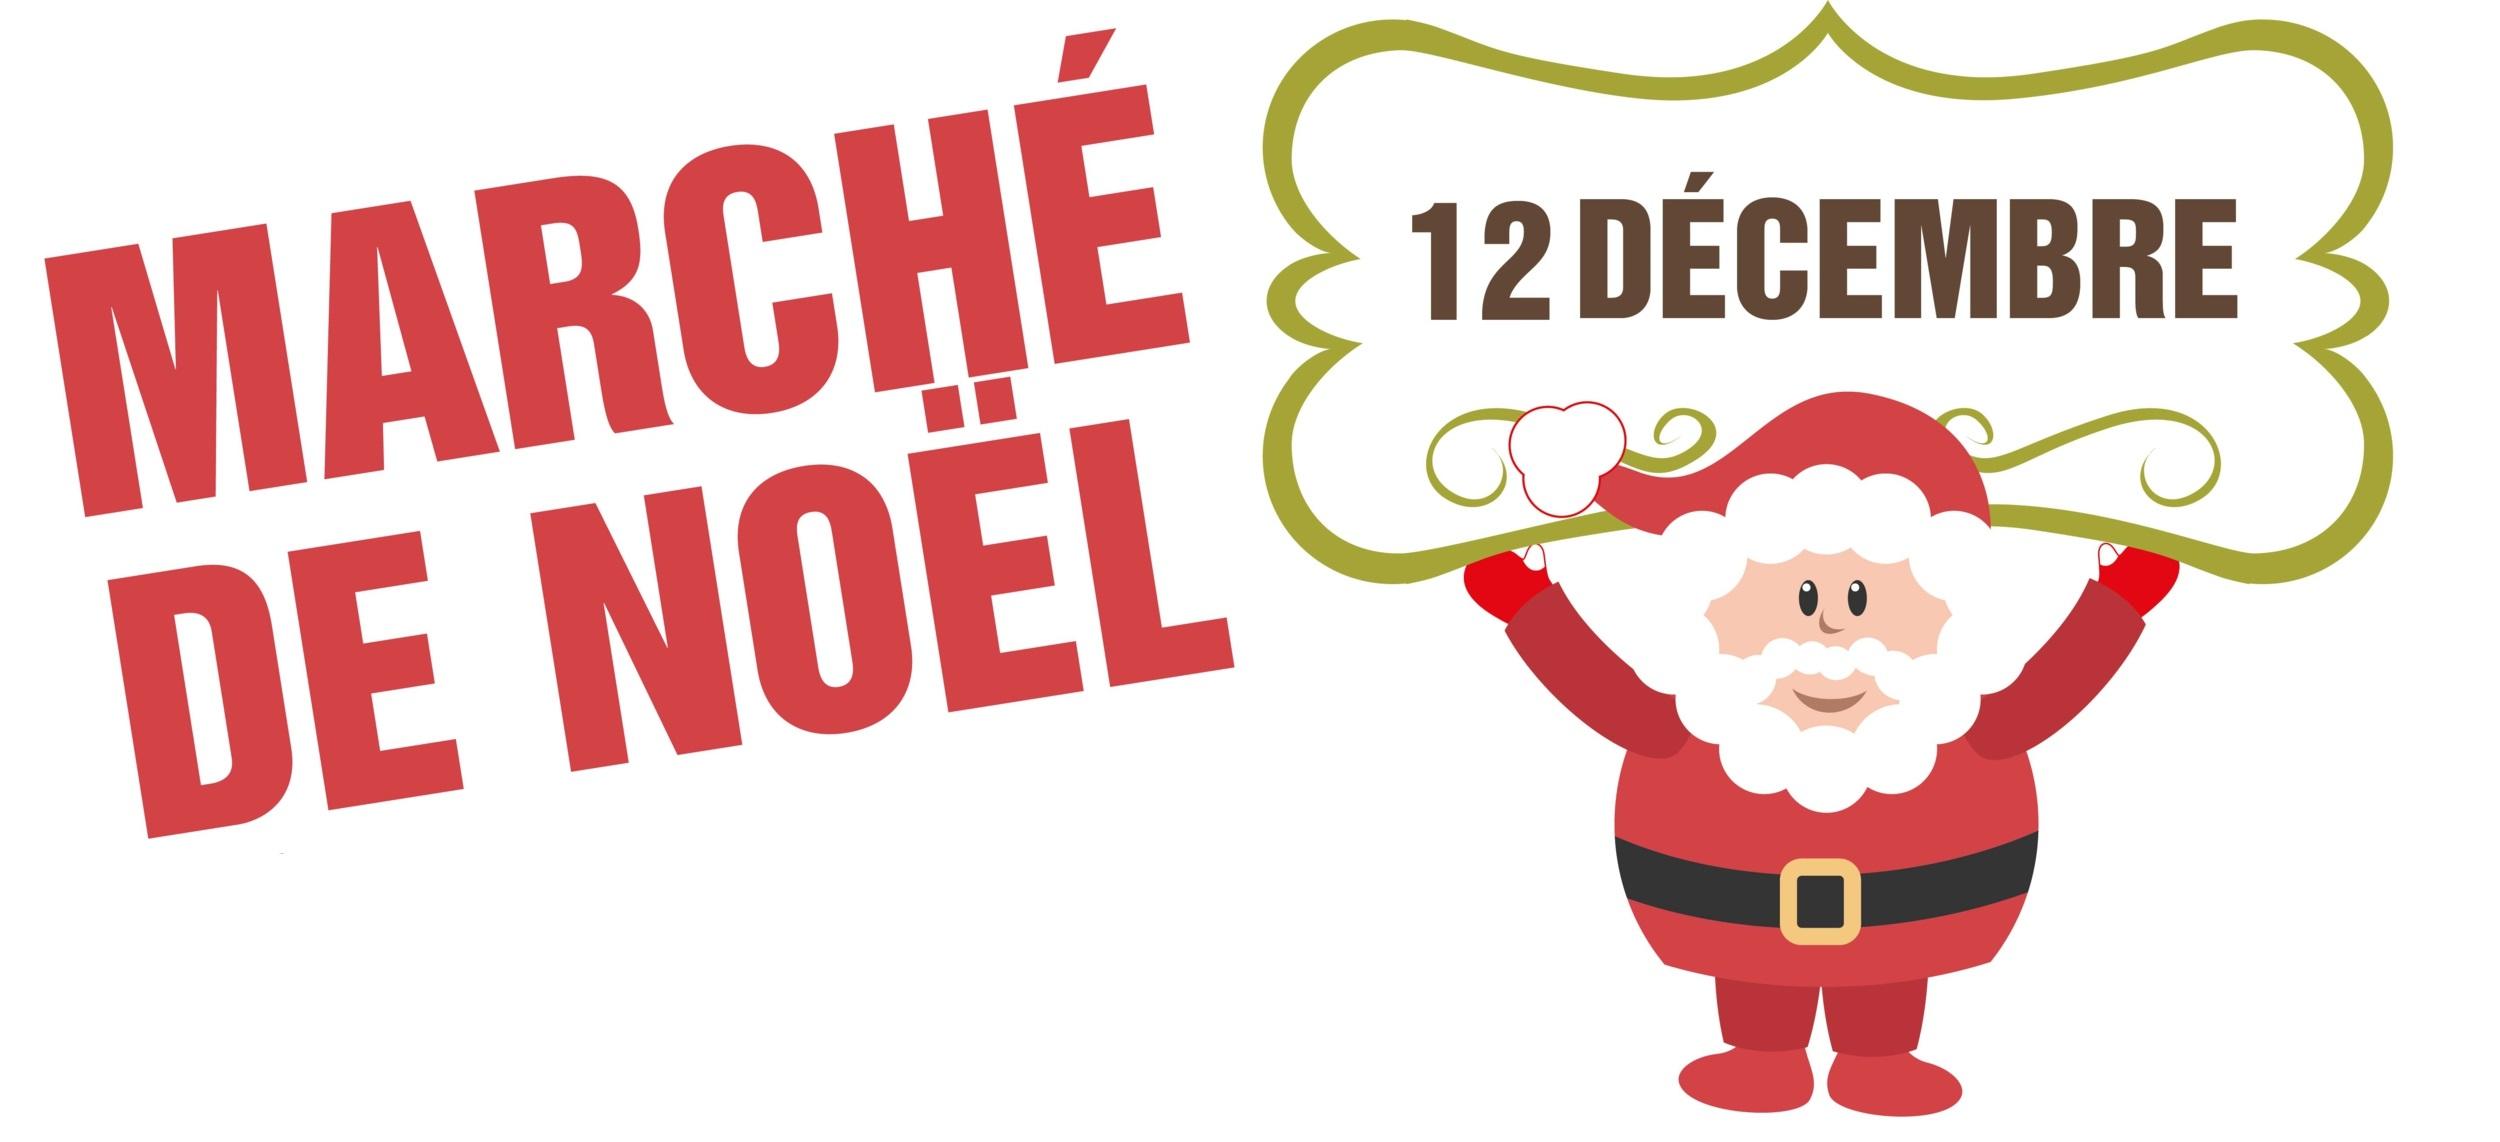 marche-de-noel-S3